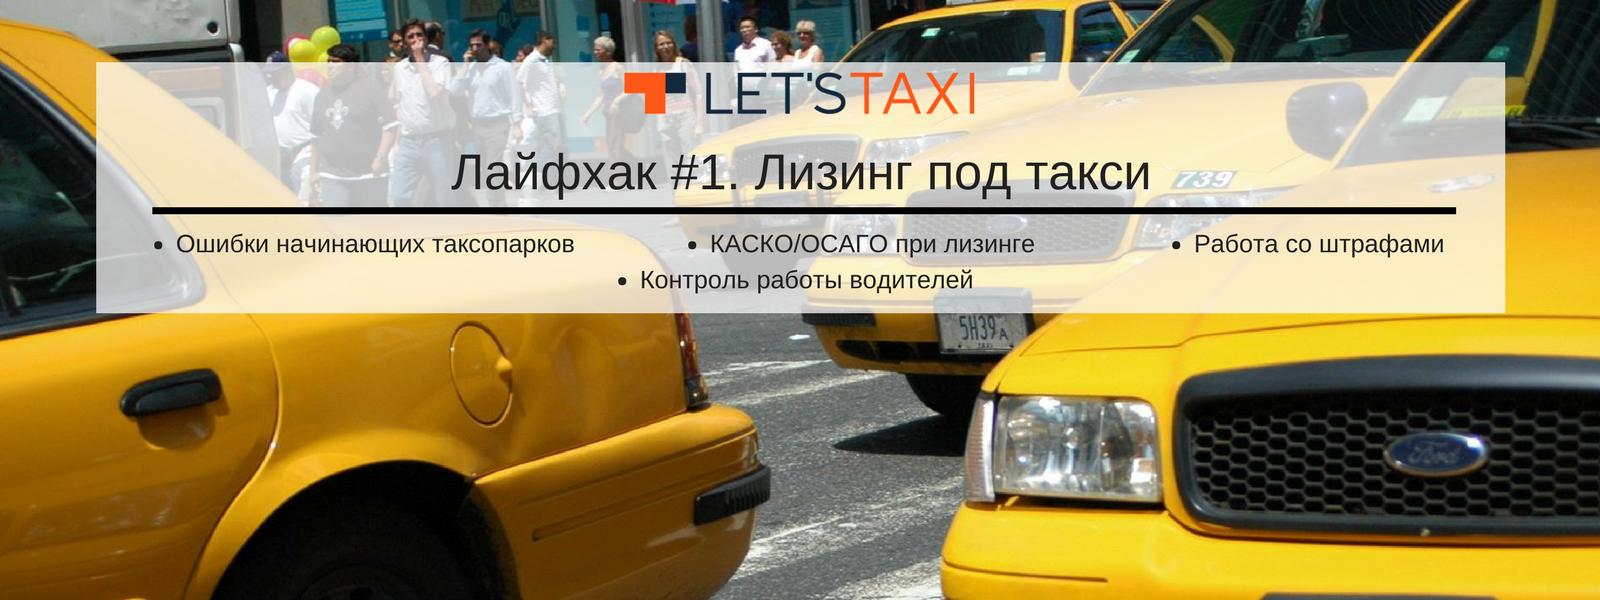 Особенности лизинга под такси